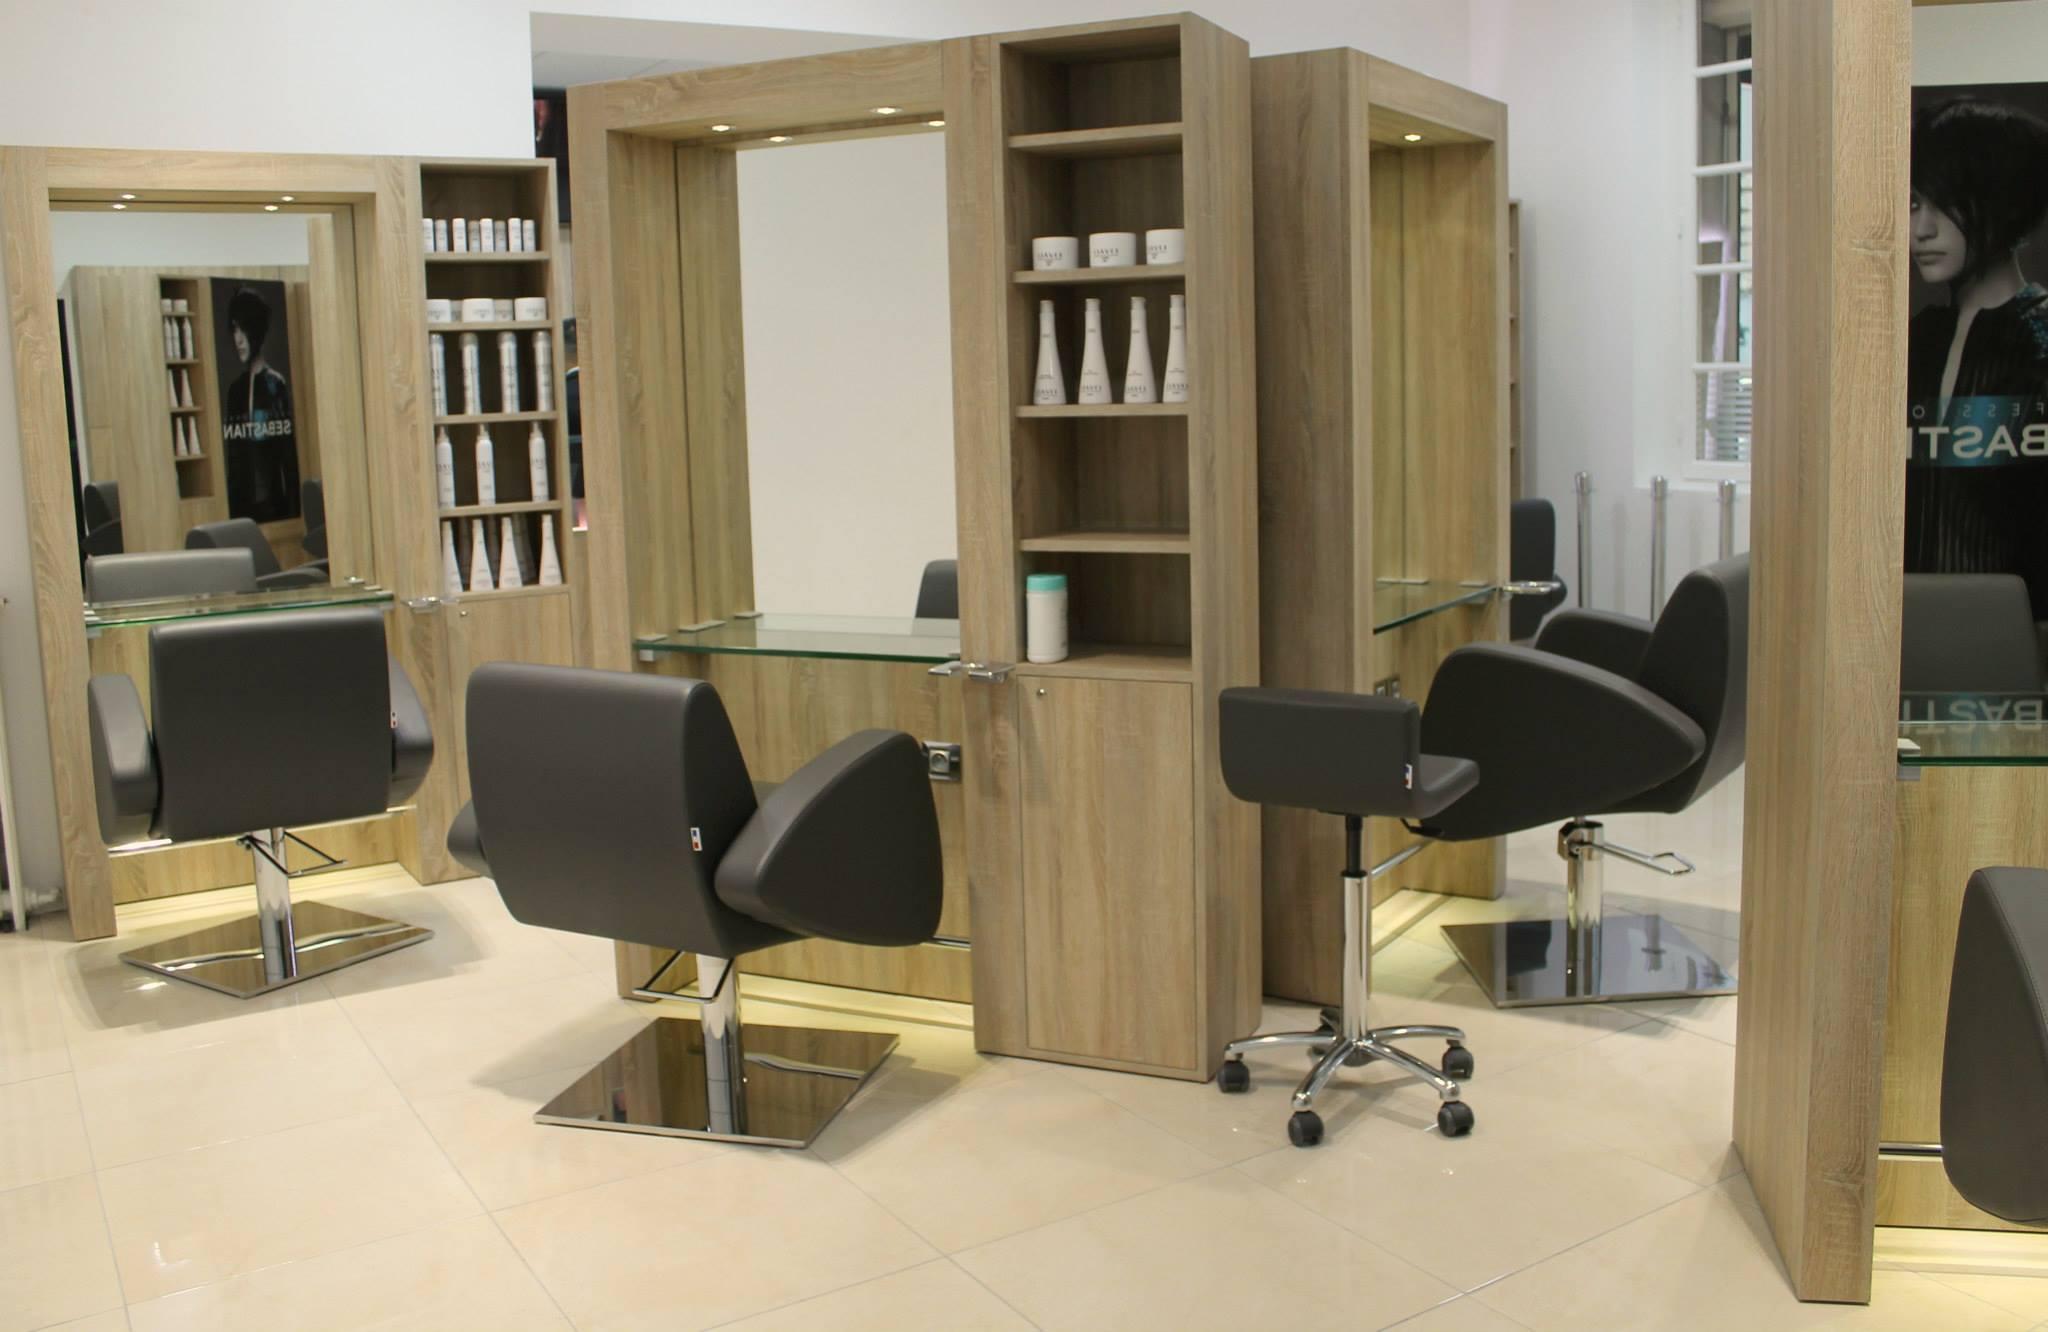 Salon de coiffure paris 16eme votre nouveau blog l gant for Salon de coiffure paris 16